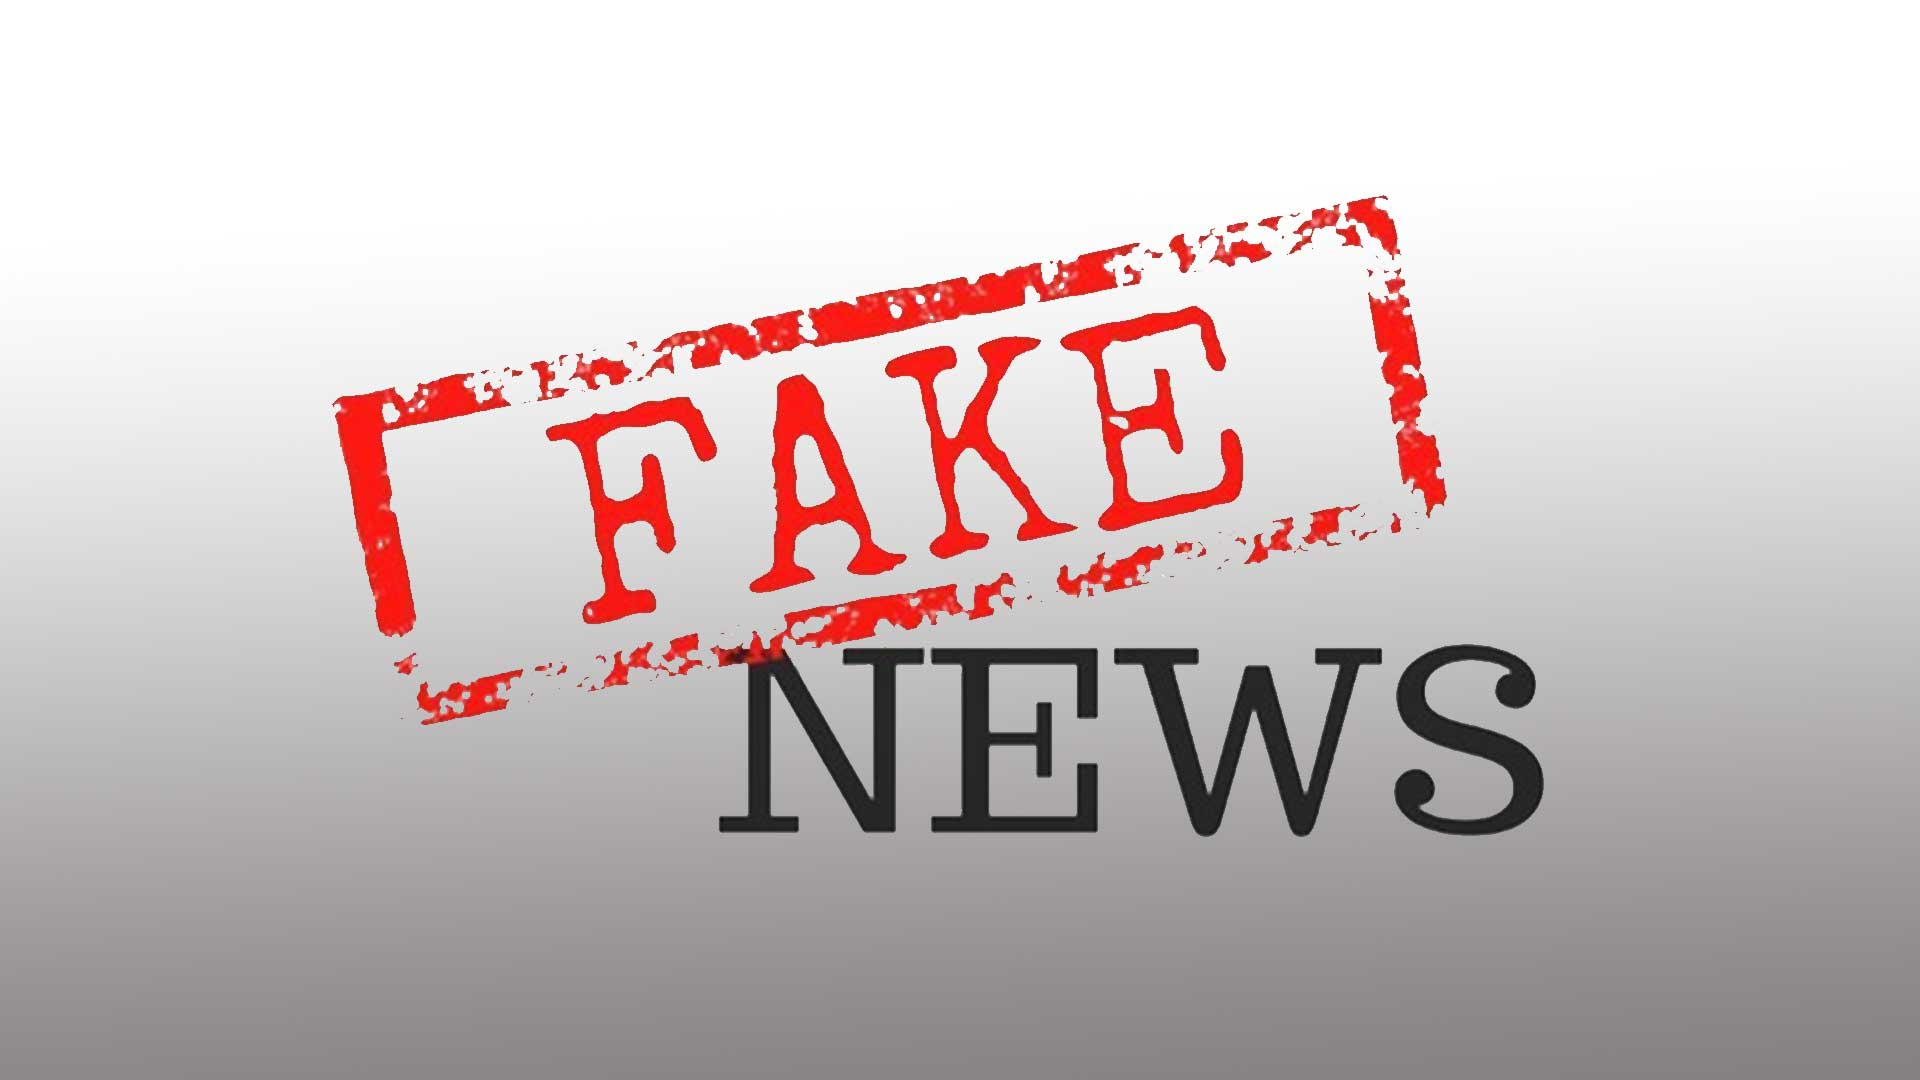 fakenews ضحكة تقنية: أنشر الأخبار المزيفة والمعلومات المضللة ولك الأجر